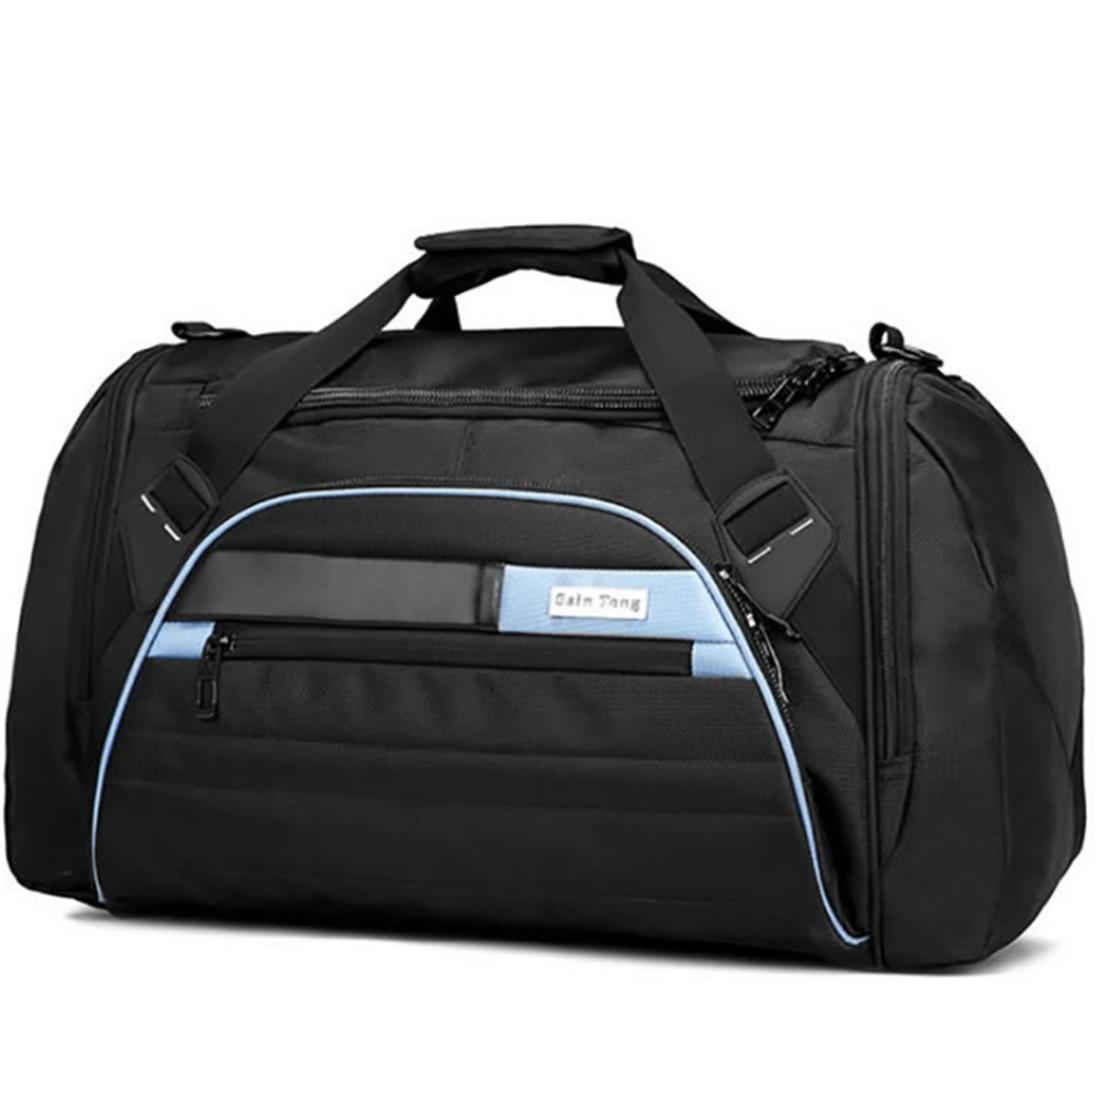 HIPSTEEN Nya Väskor Mode Män Kvinnor Resväskor Med Stor Kapacitet - Väskor för bagage och resor - Foto 2